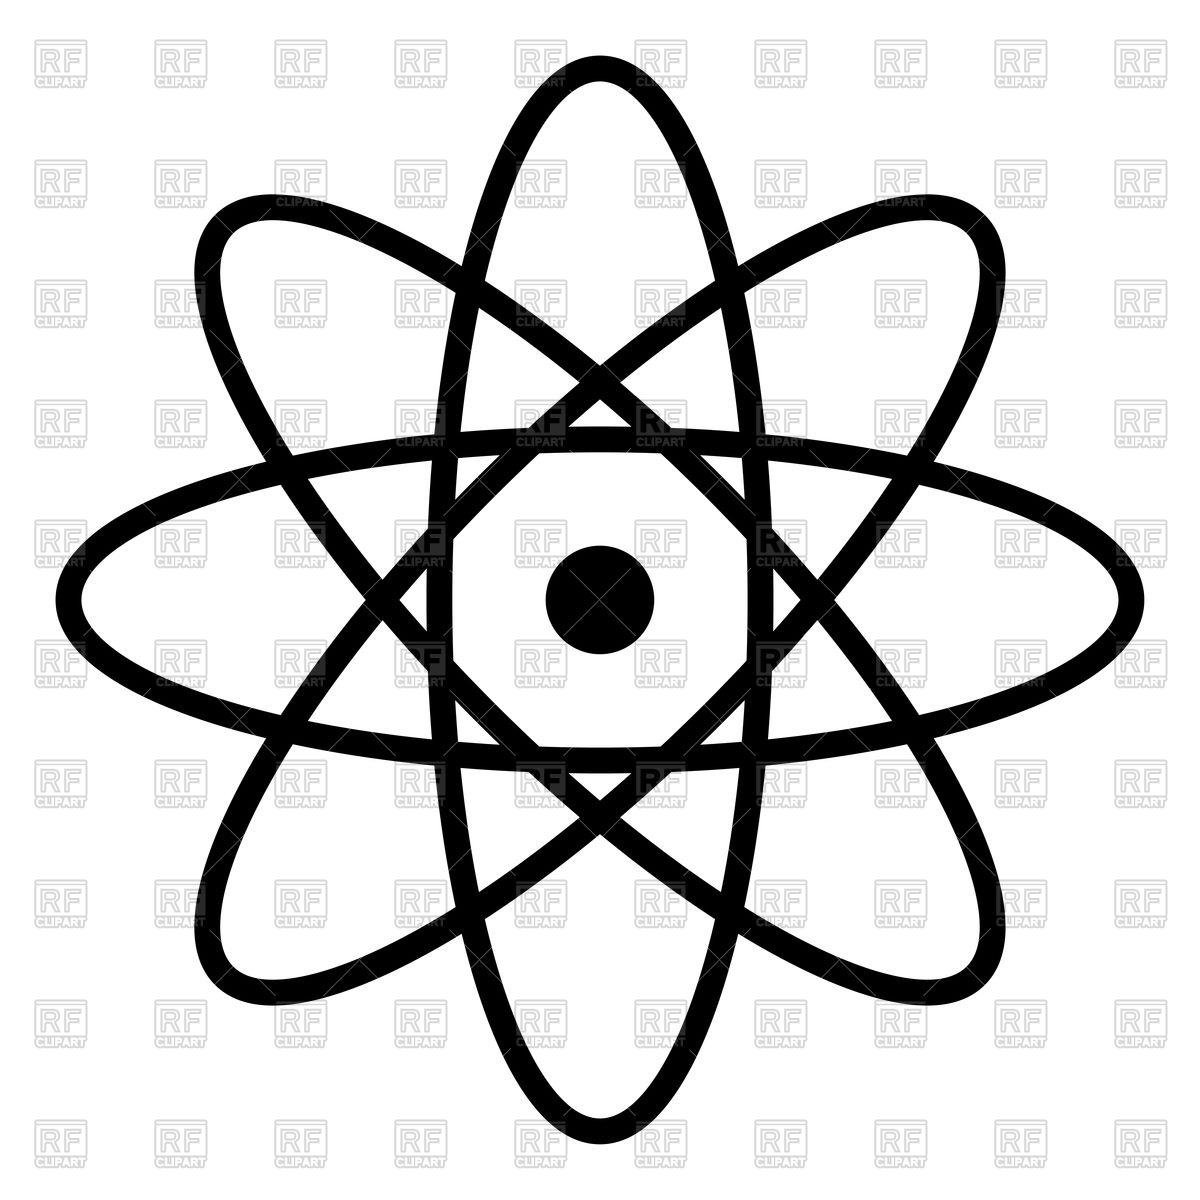 1200x1200 Atom Icon Vector Image Vector Artwork Of Signs, Symbols, Maps